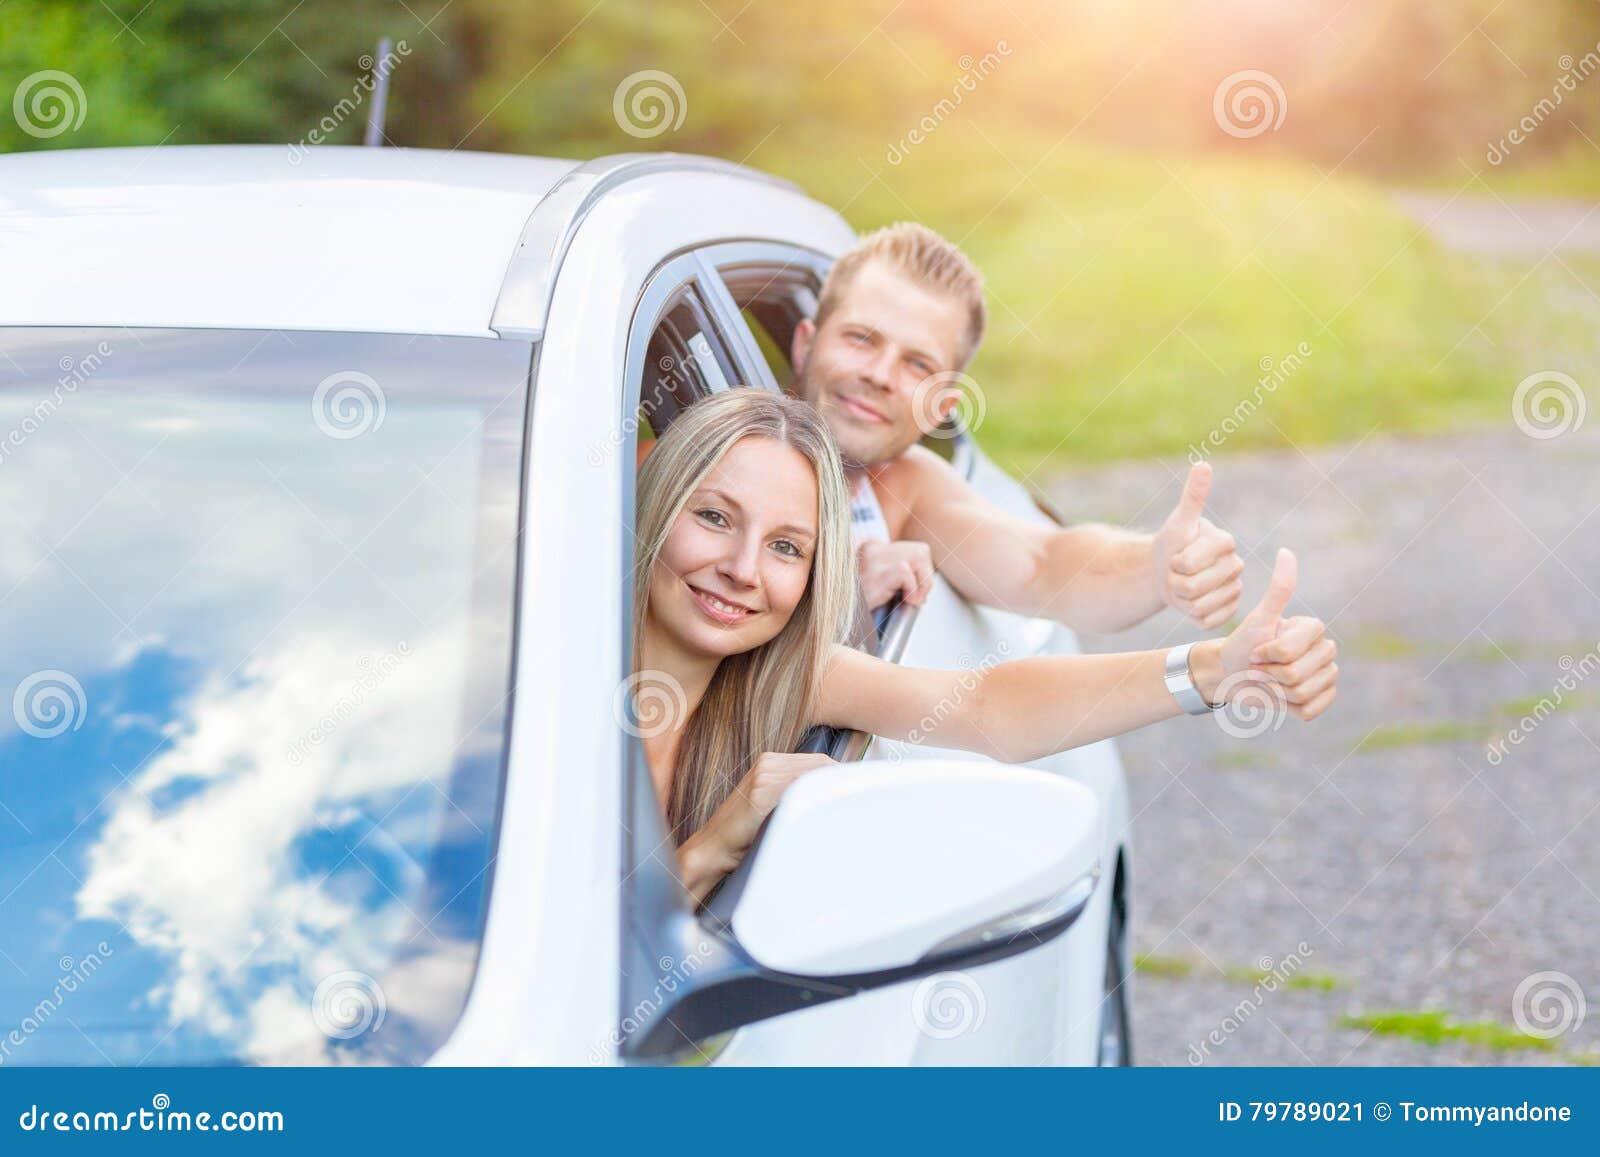 Gente joven que disfruta de un roadtrip en el coche